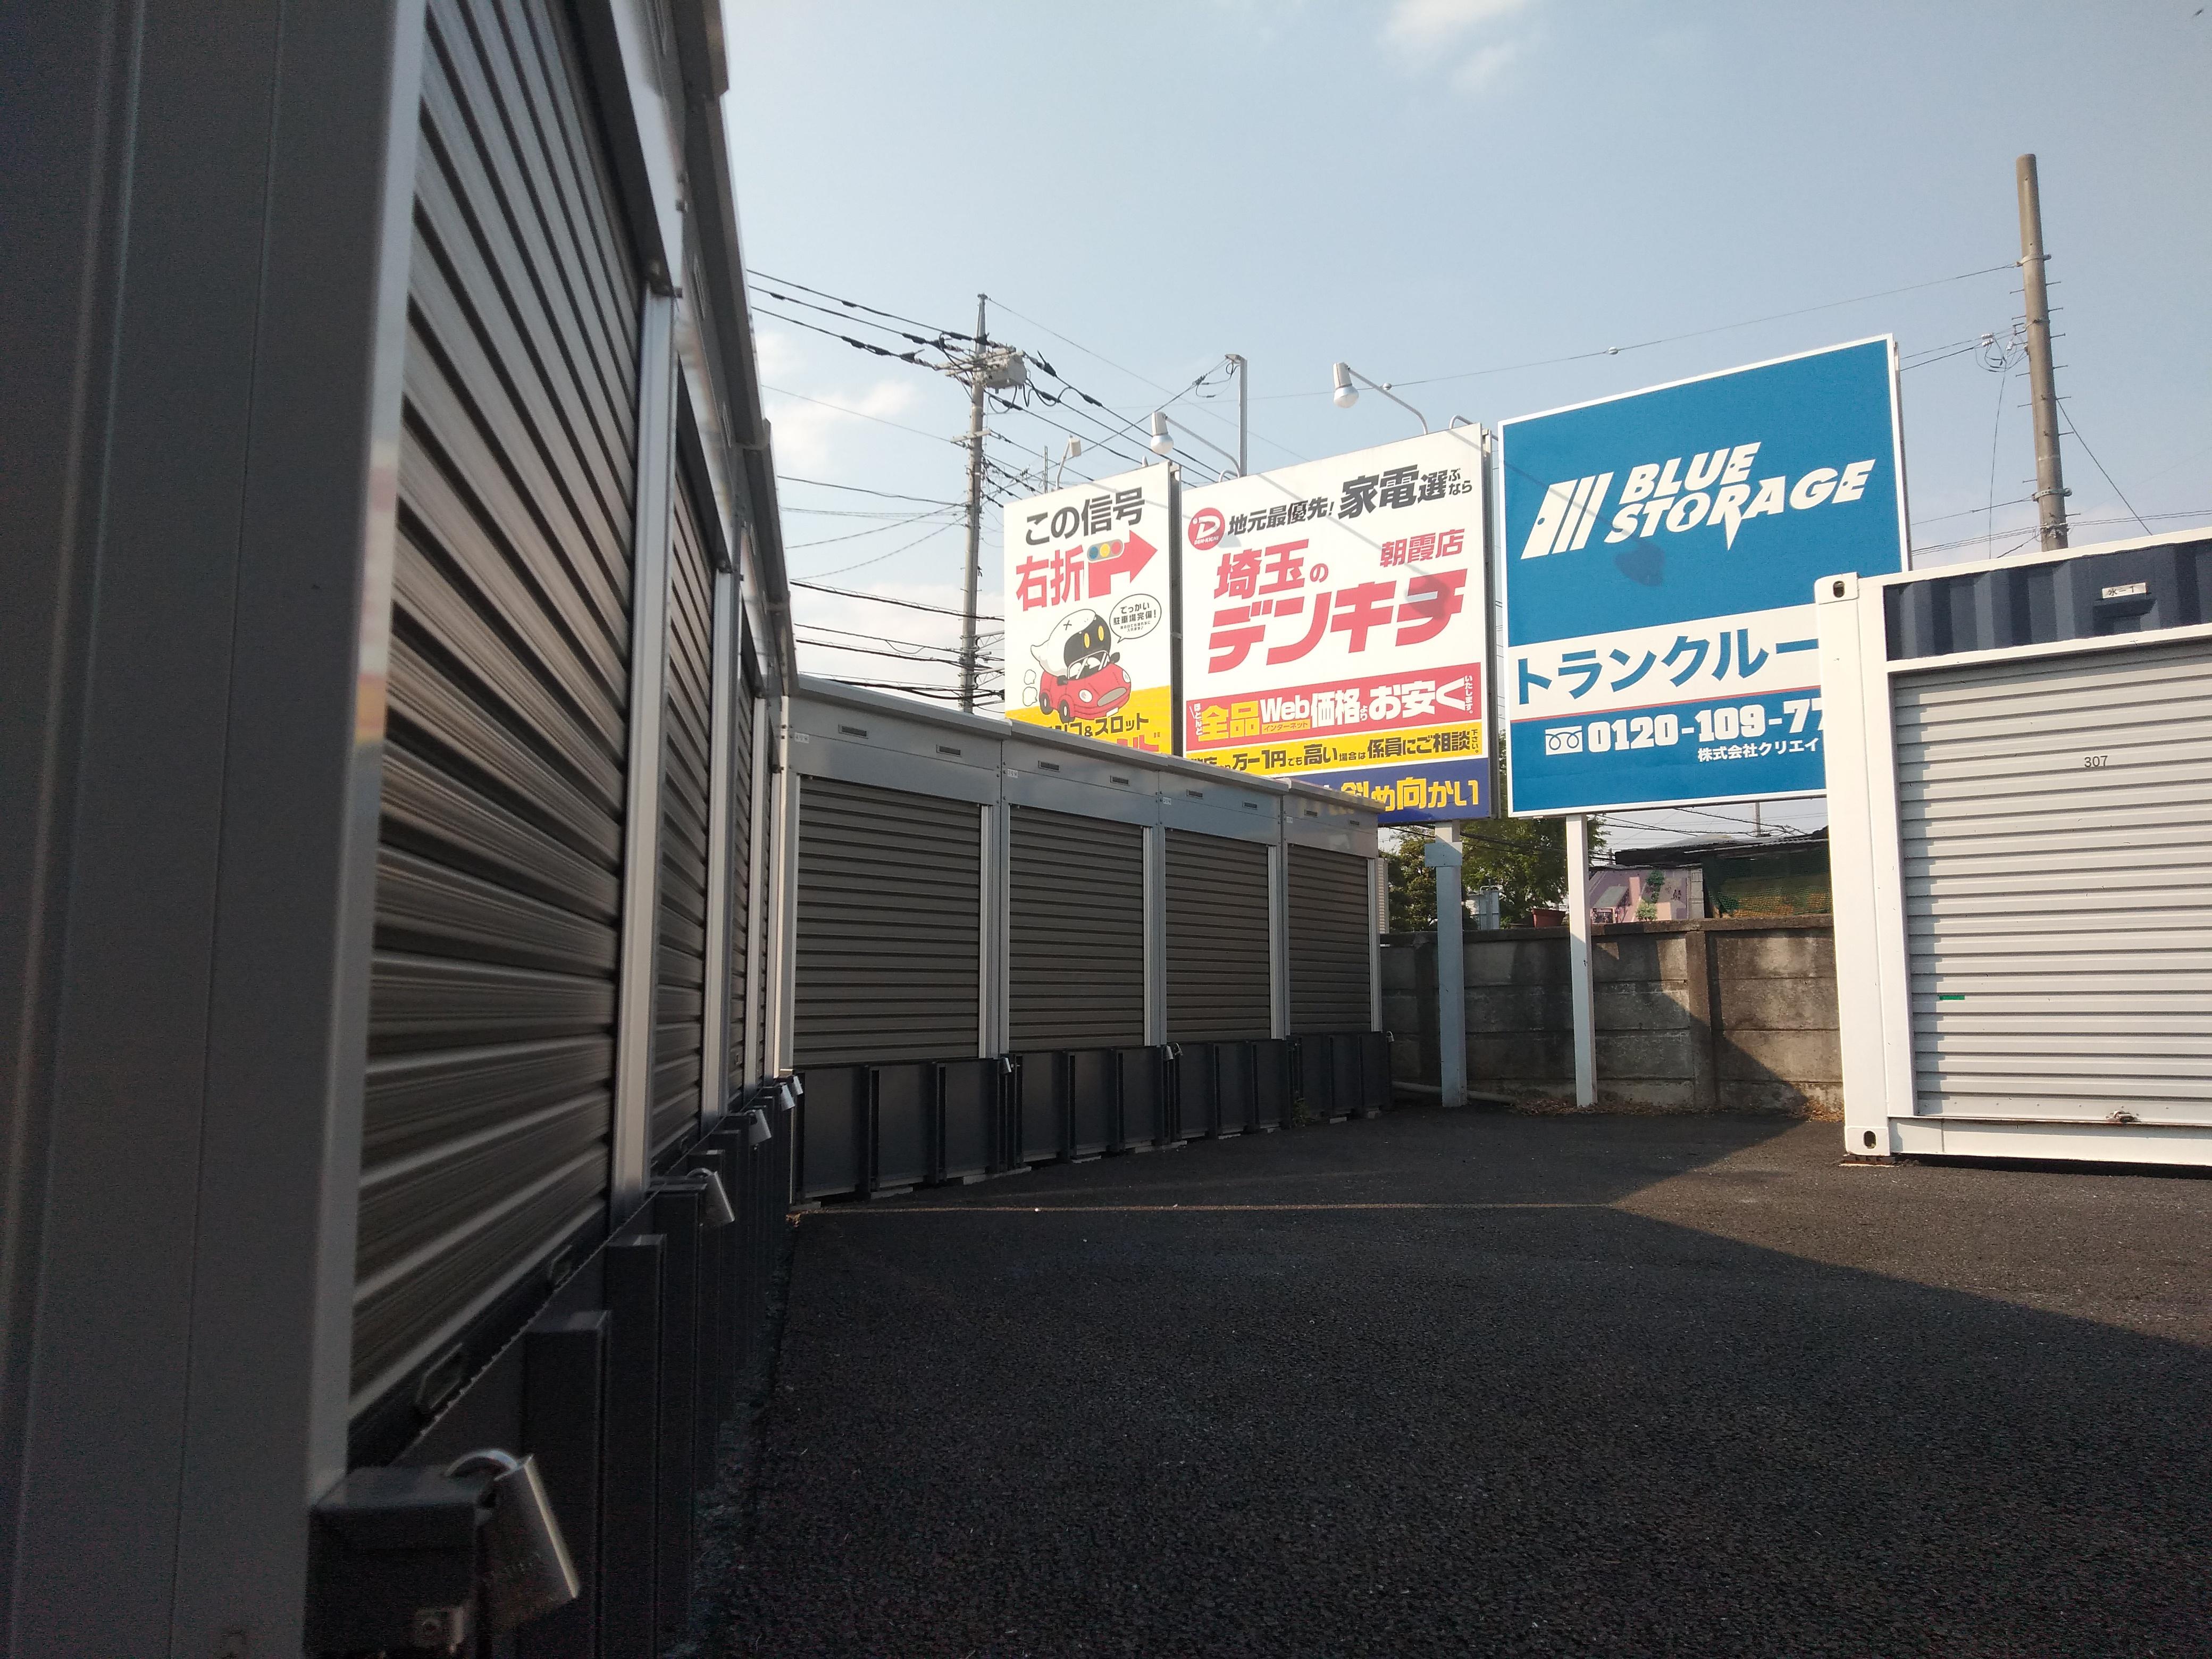 バイクストレージ朝霞市泉水P1外観3